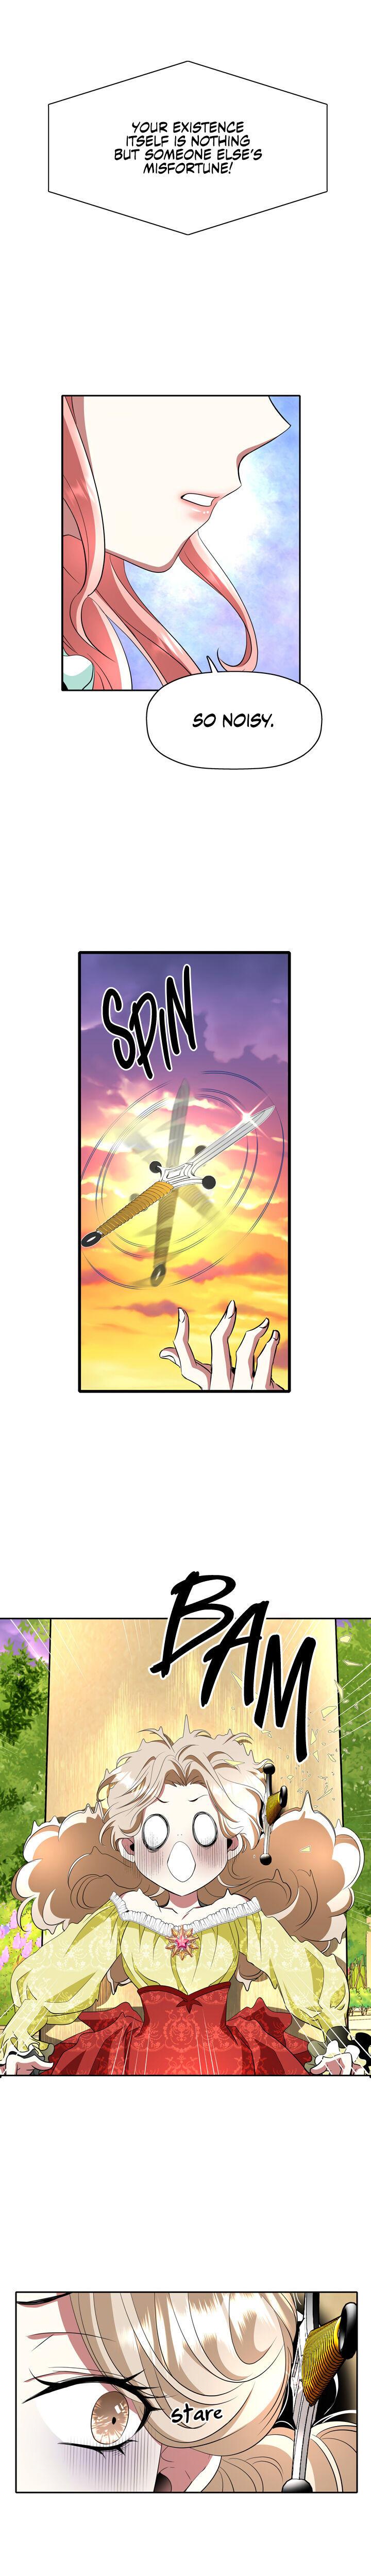 I'M A Killer But I'M Thinking Of Living As A Princess Chapter 12 page 17 - Mangakakalots.com